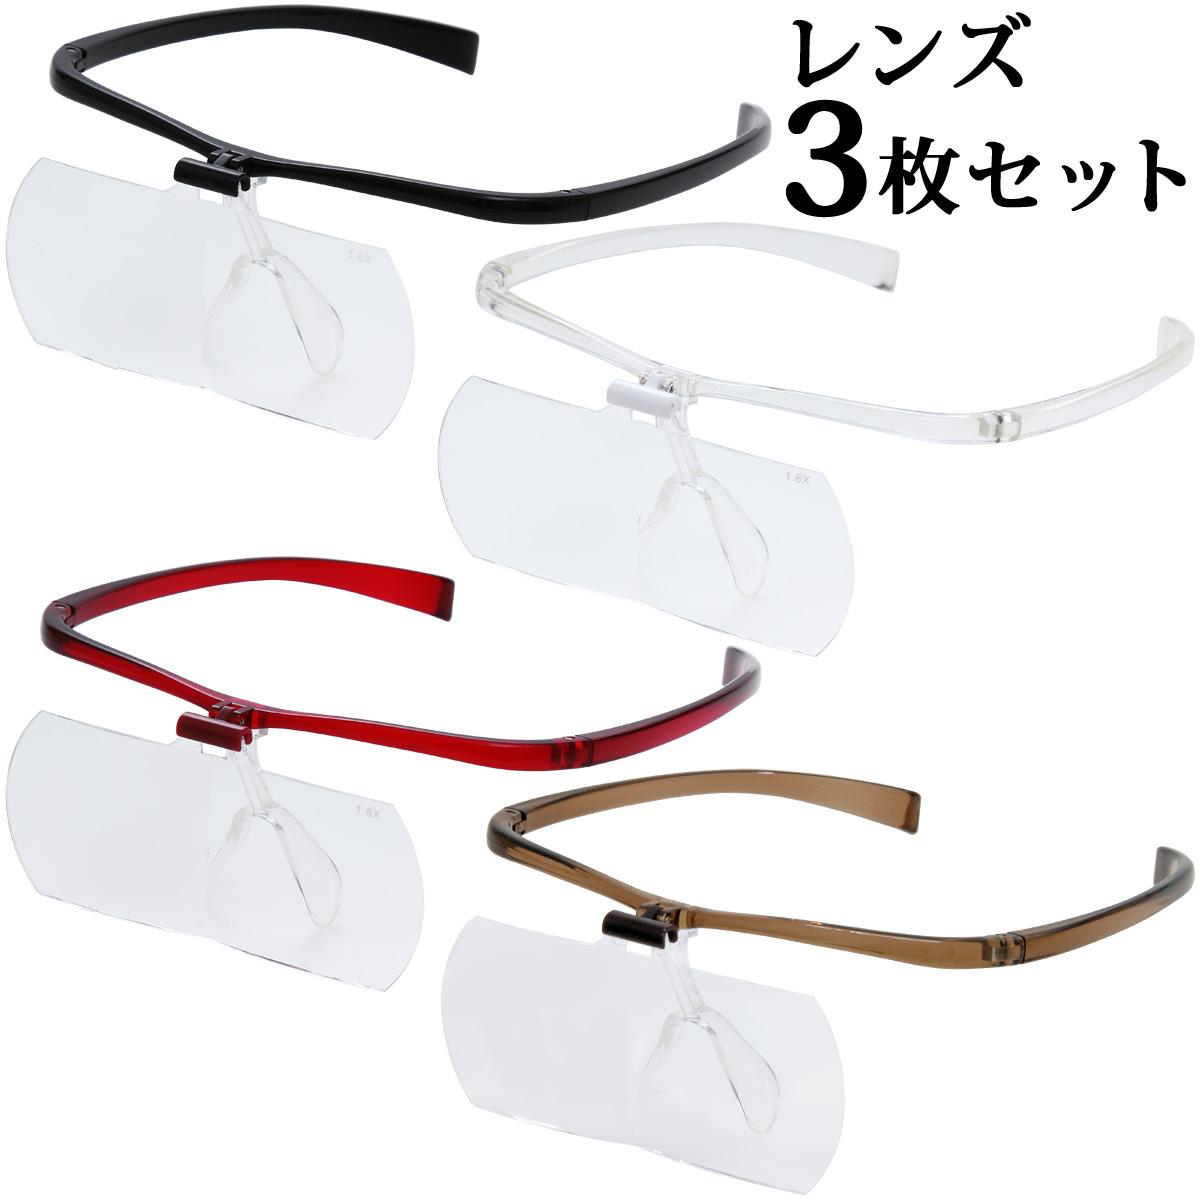 ヘッドルーペより気軽 拡大鏡 虫眼鏡 老眼鏡 作業 手芸用ルーペ 裁縫 ビーズ ネイル まつげエクステ まつ毛 ルーペ 数量限定アウトレット最安価格 型 メガネ アウトレット HF-61DEF 1.6倍 メガネタイプ 双眼メガネルーペ レンズ3枚セット クリアルーペ 池田レンズ 手芸 メガネの上から 跳ね上げ メガネ型ルーペ 2倍 代引き不可 2.3倍